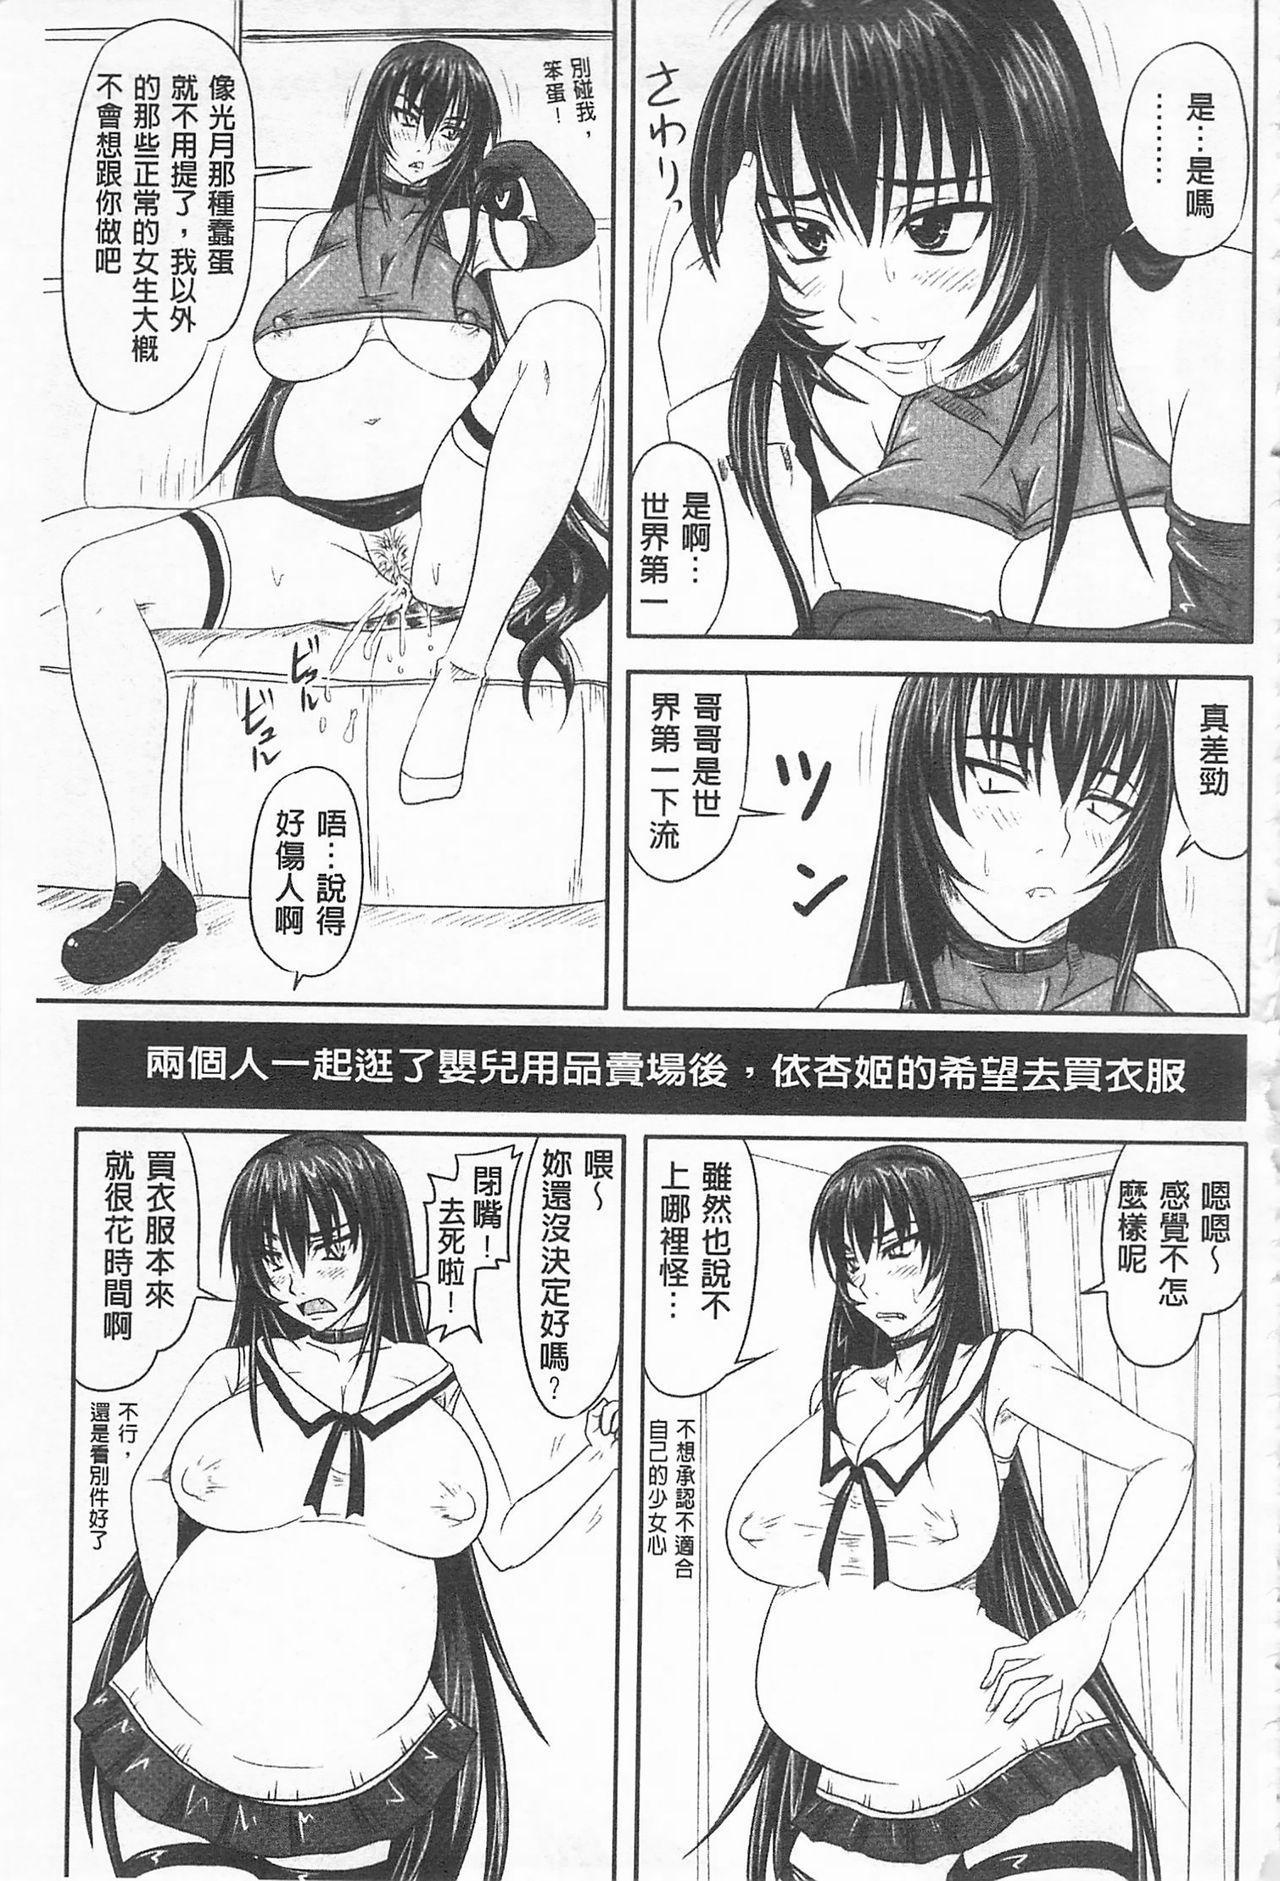 [Nozarashi Satoru] Do S na Hime wa Kegasareru -Inga no Shou- | 超S的公主被玷汙了 ~因果之章~ [Chinese] 213